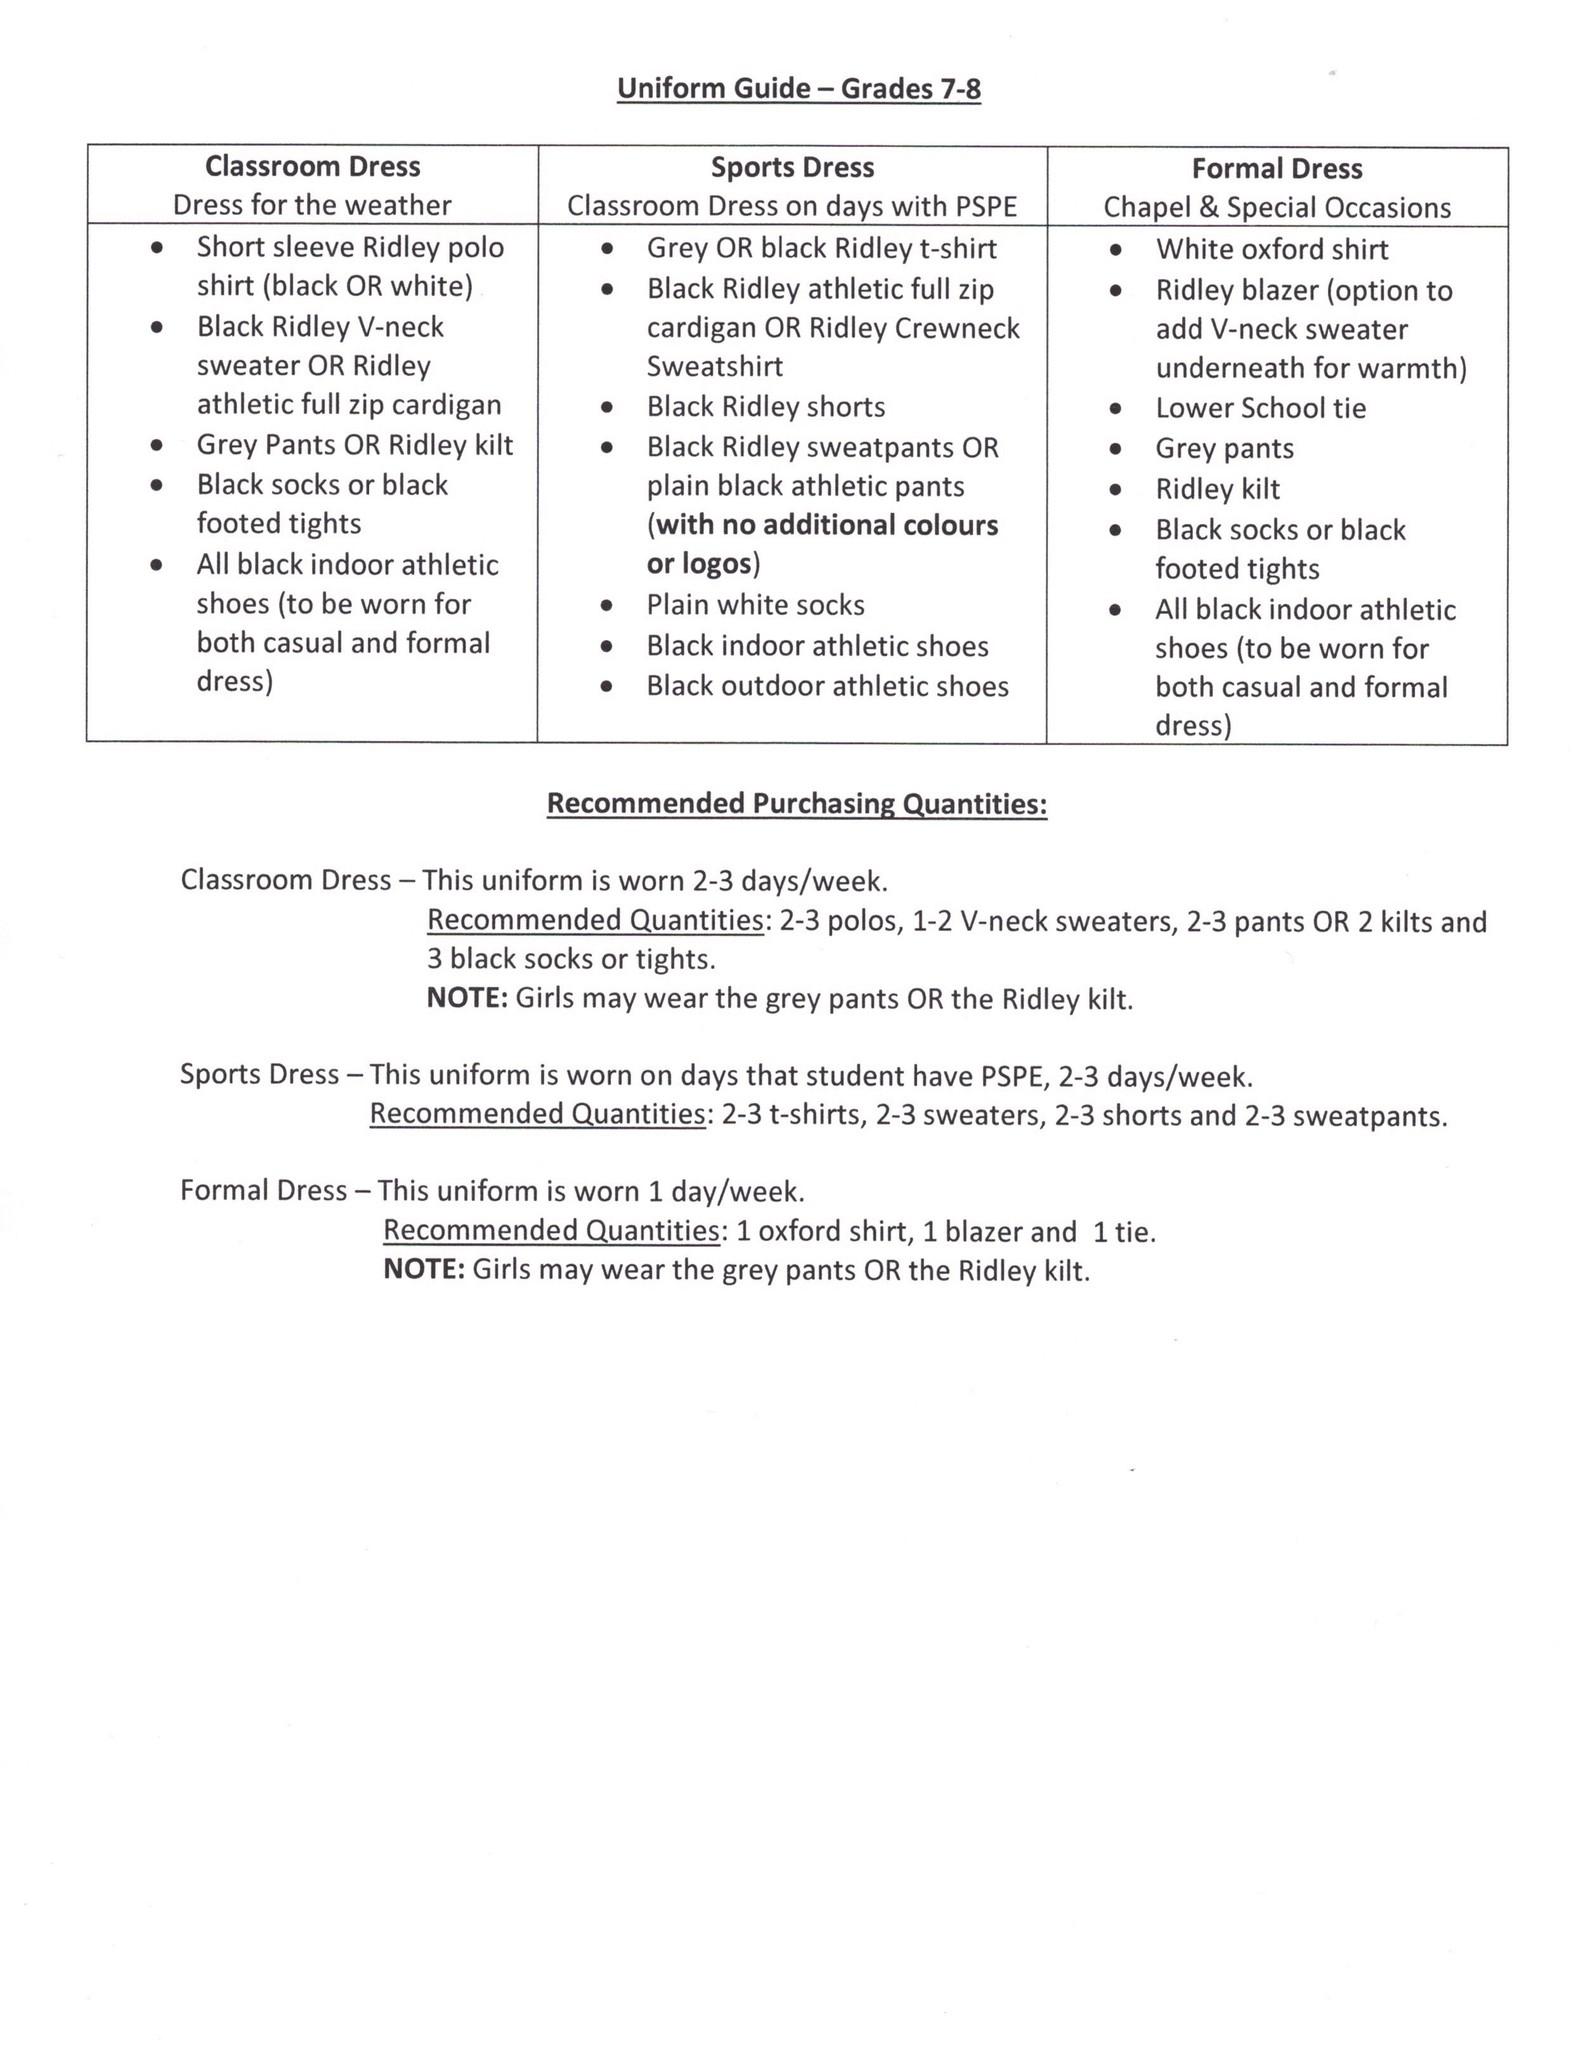 Uniform Guide (Gr. 7-8)